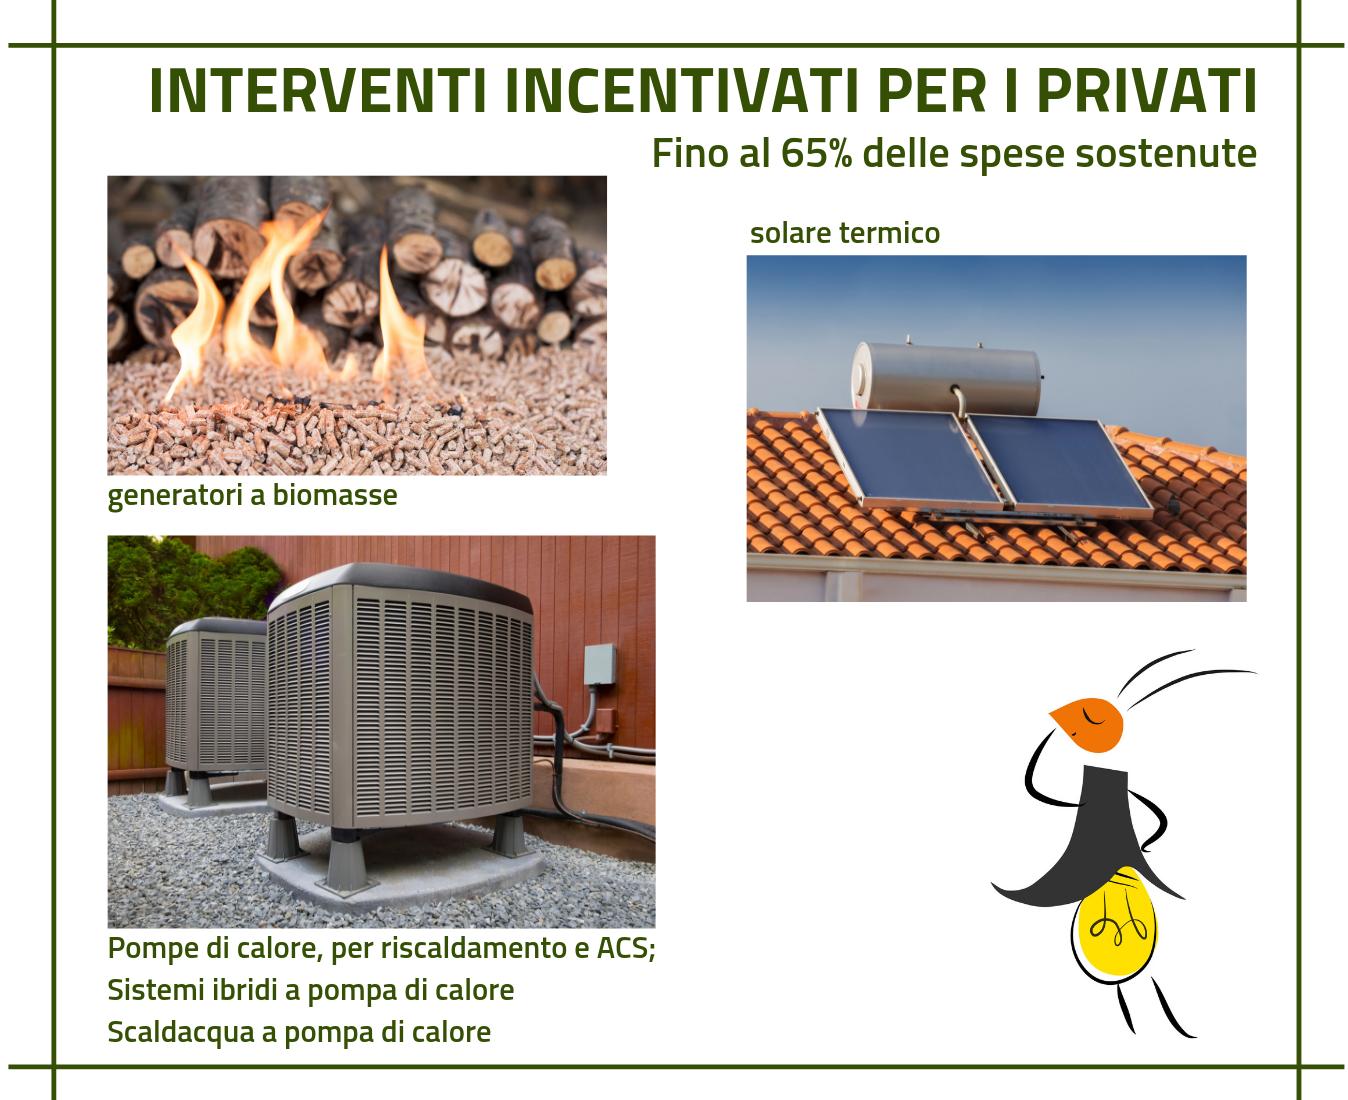 lucciodina-interventi-incentivati